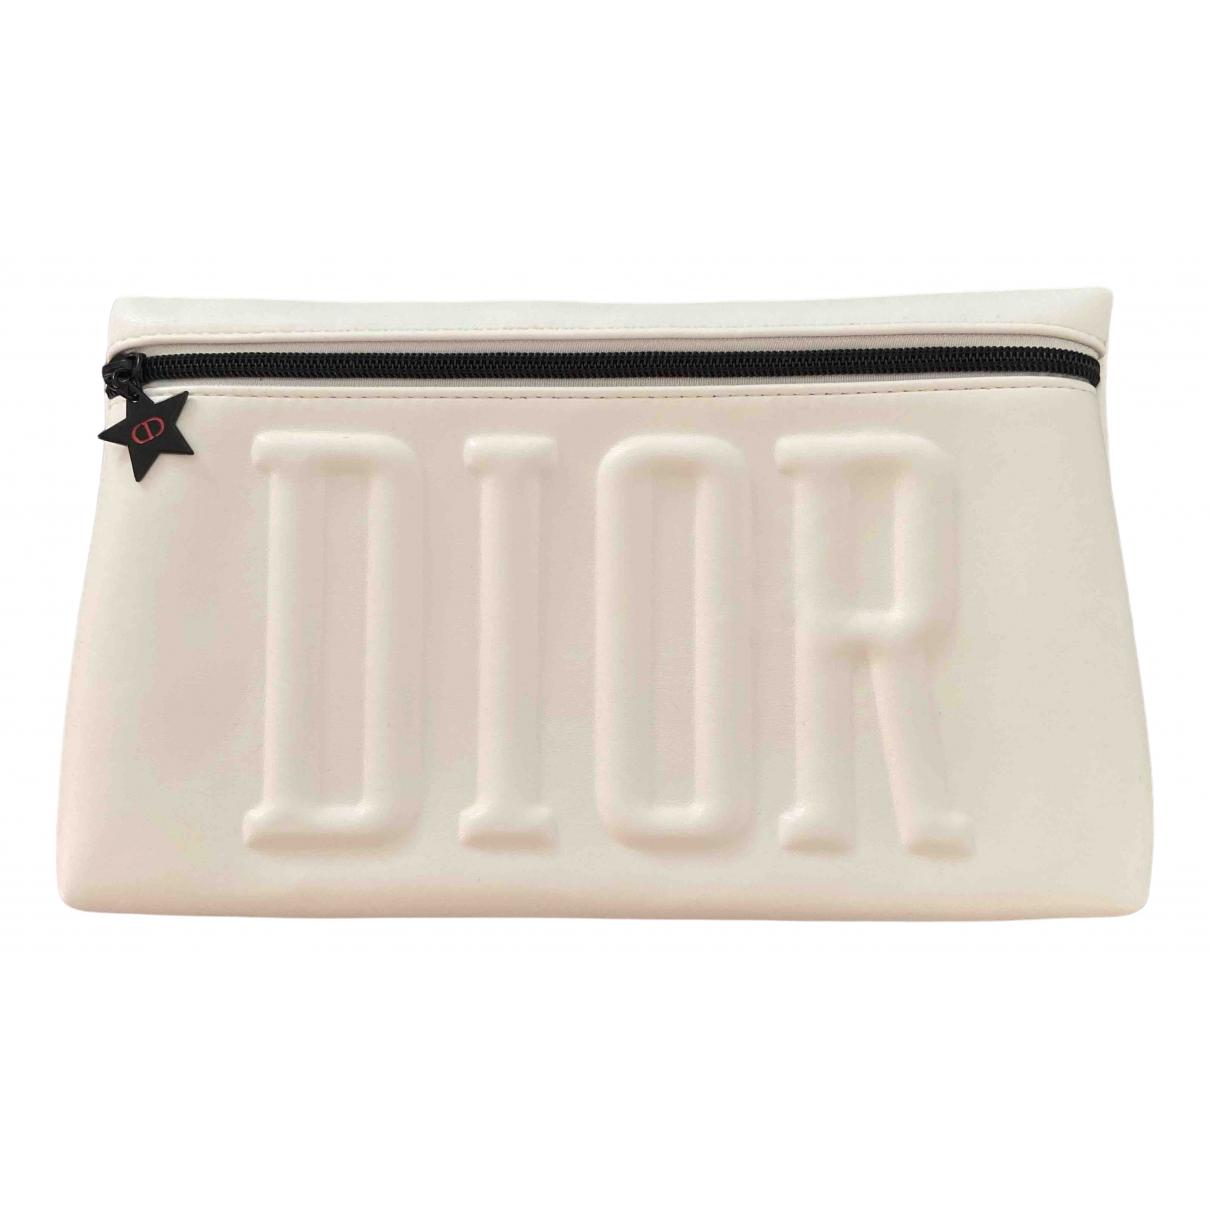 Dior - Portefeuille   pour femme - blanc